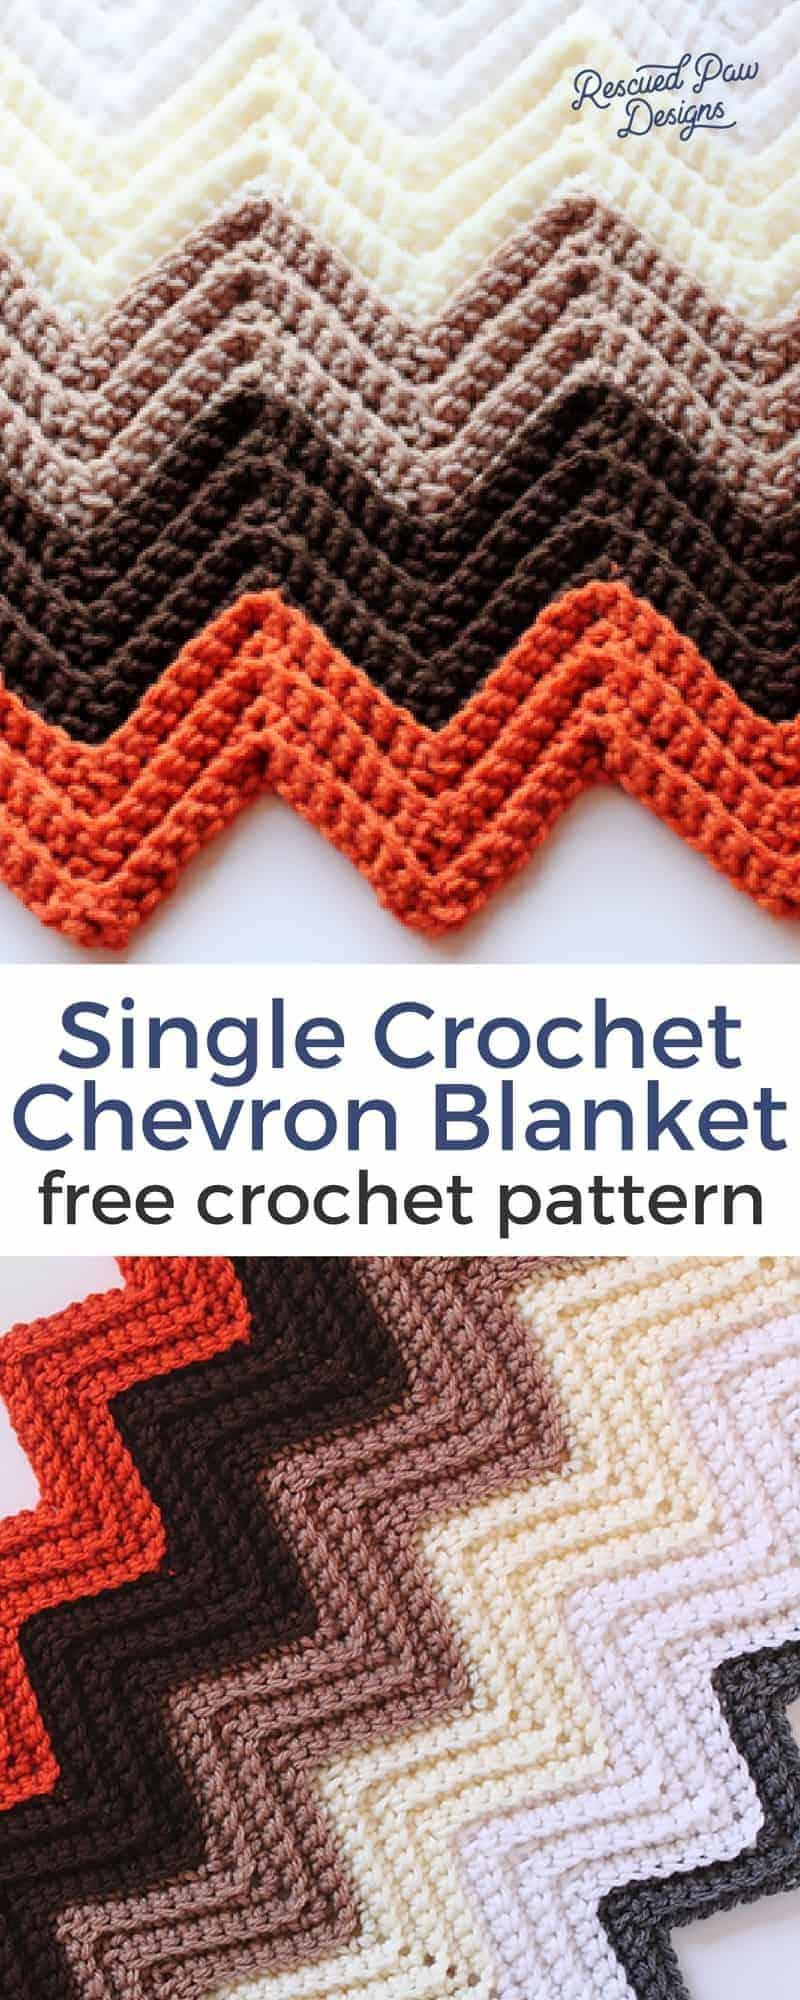 Single Crochet Chevron Blanket Pattern - Free Crochet ...